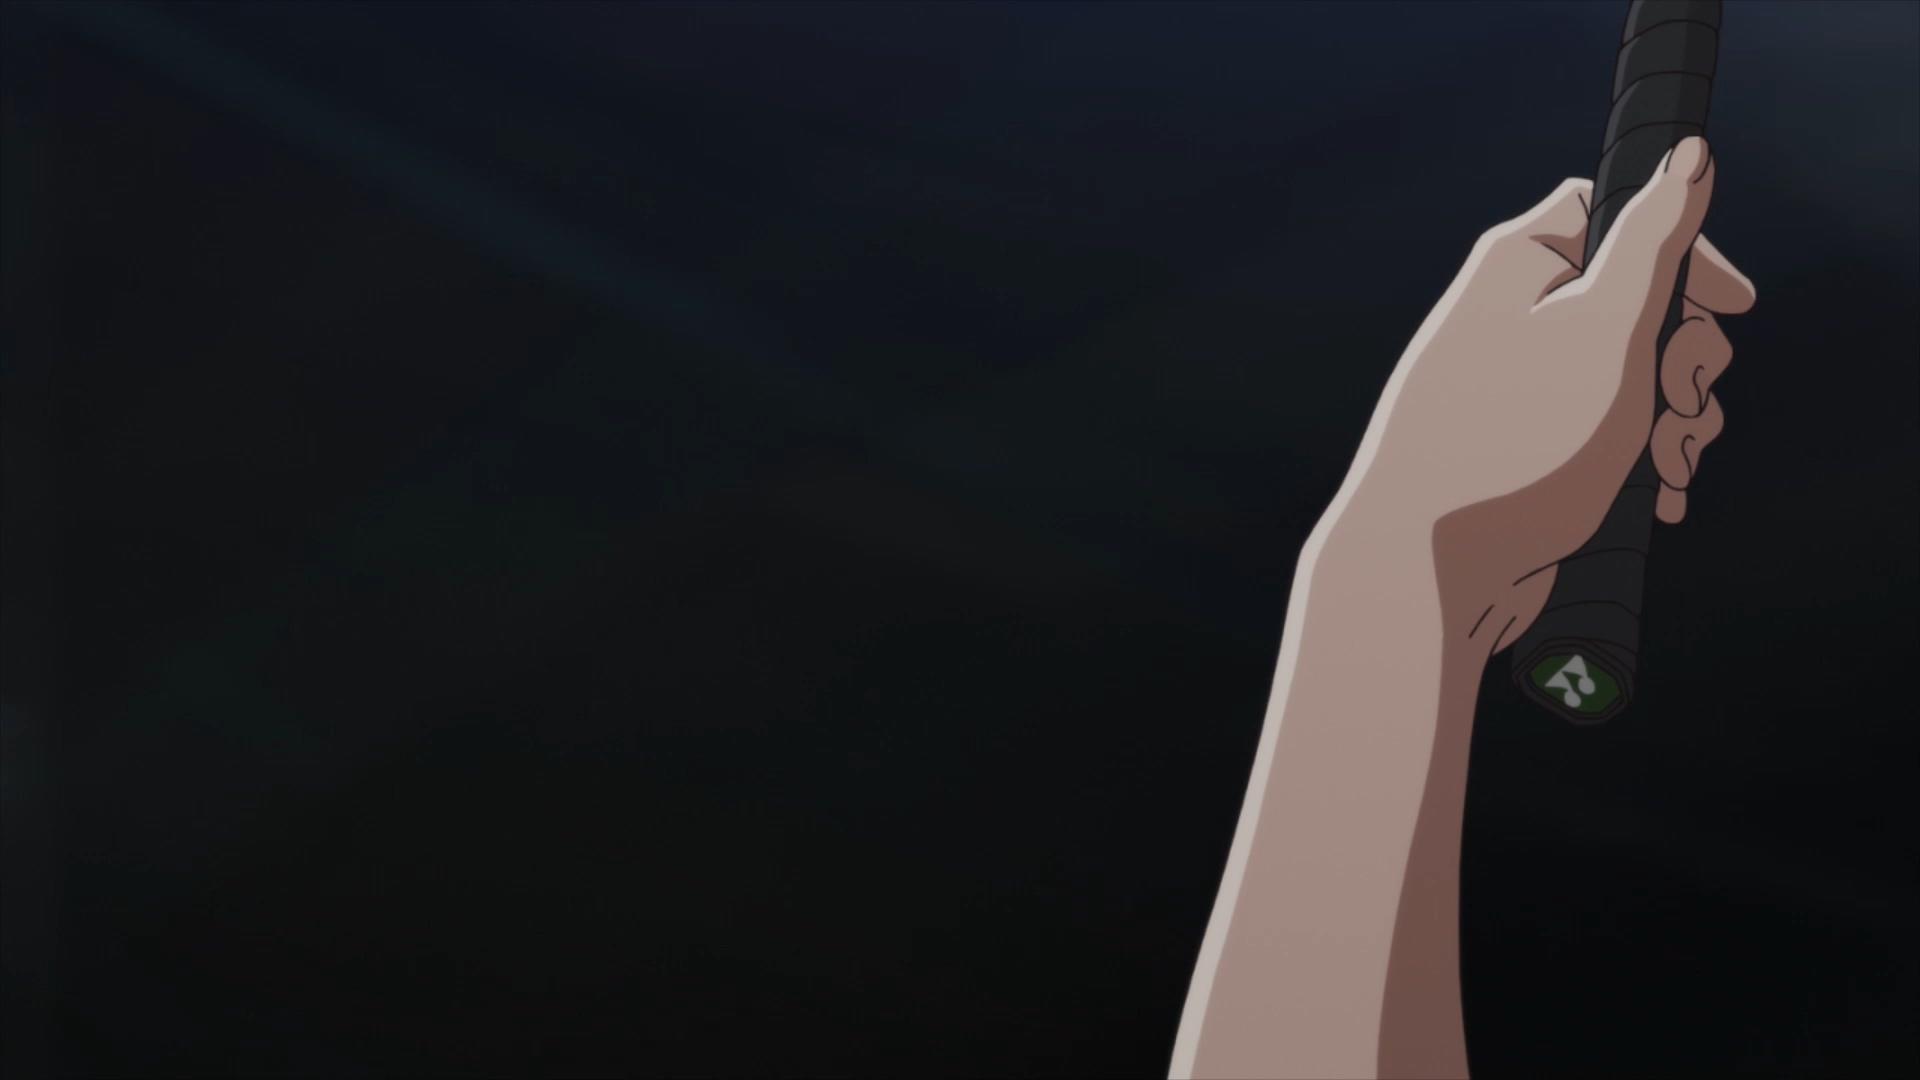 이번 분기 ppl 애니메이션